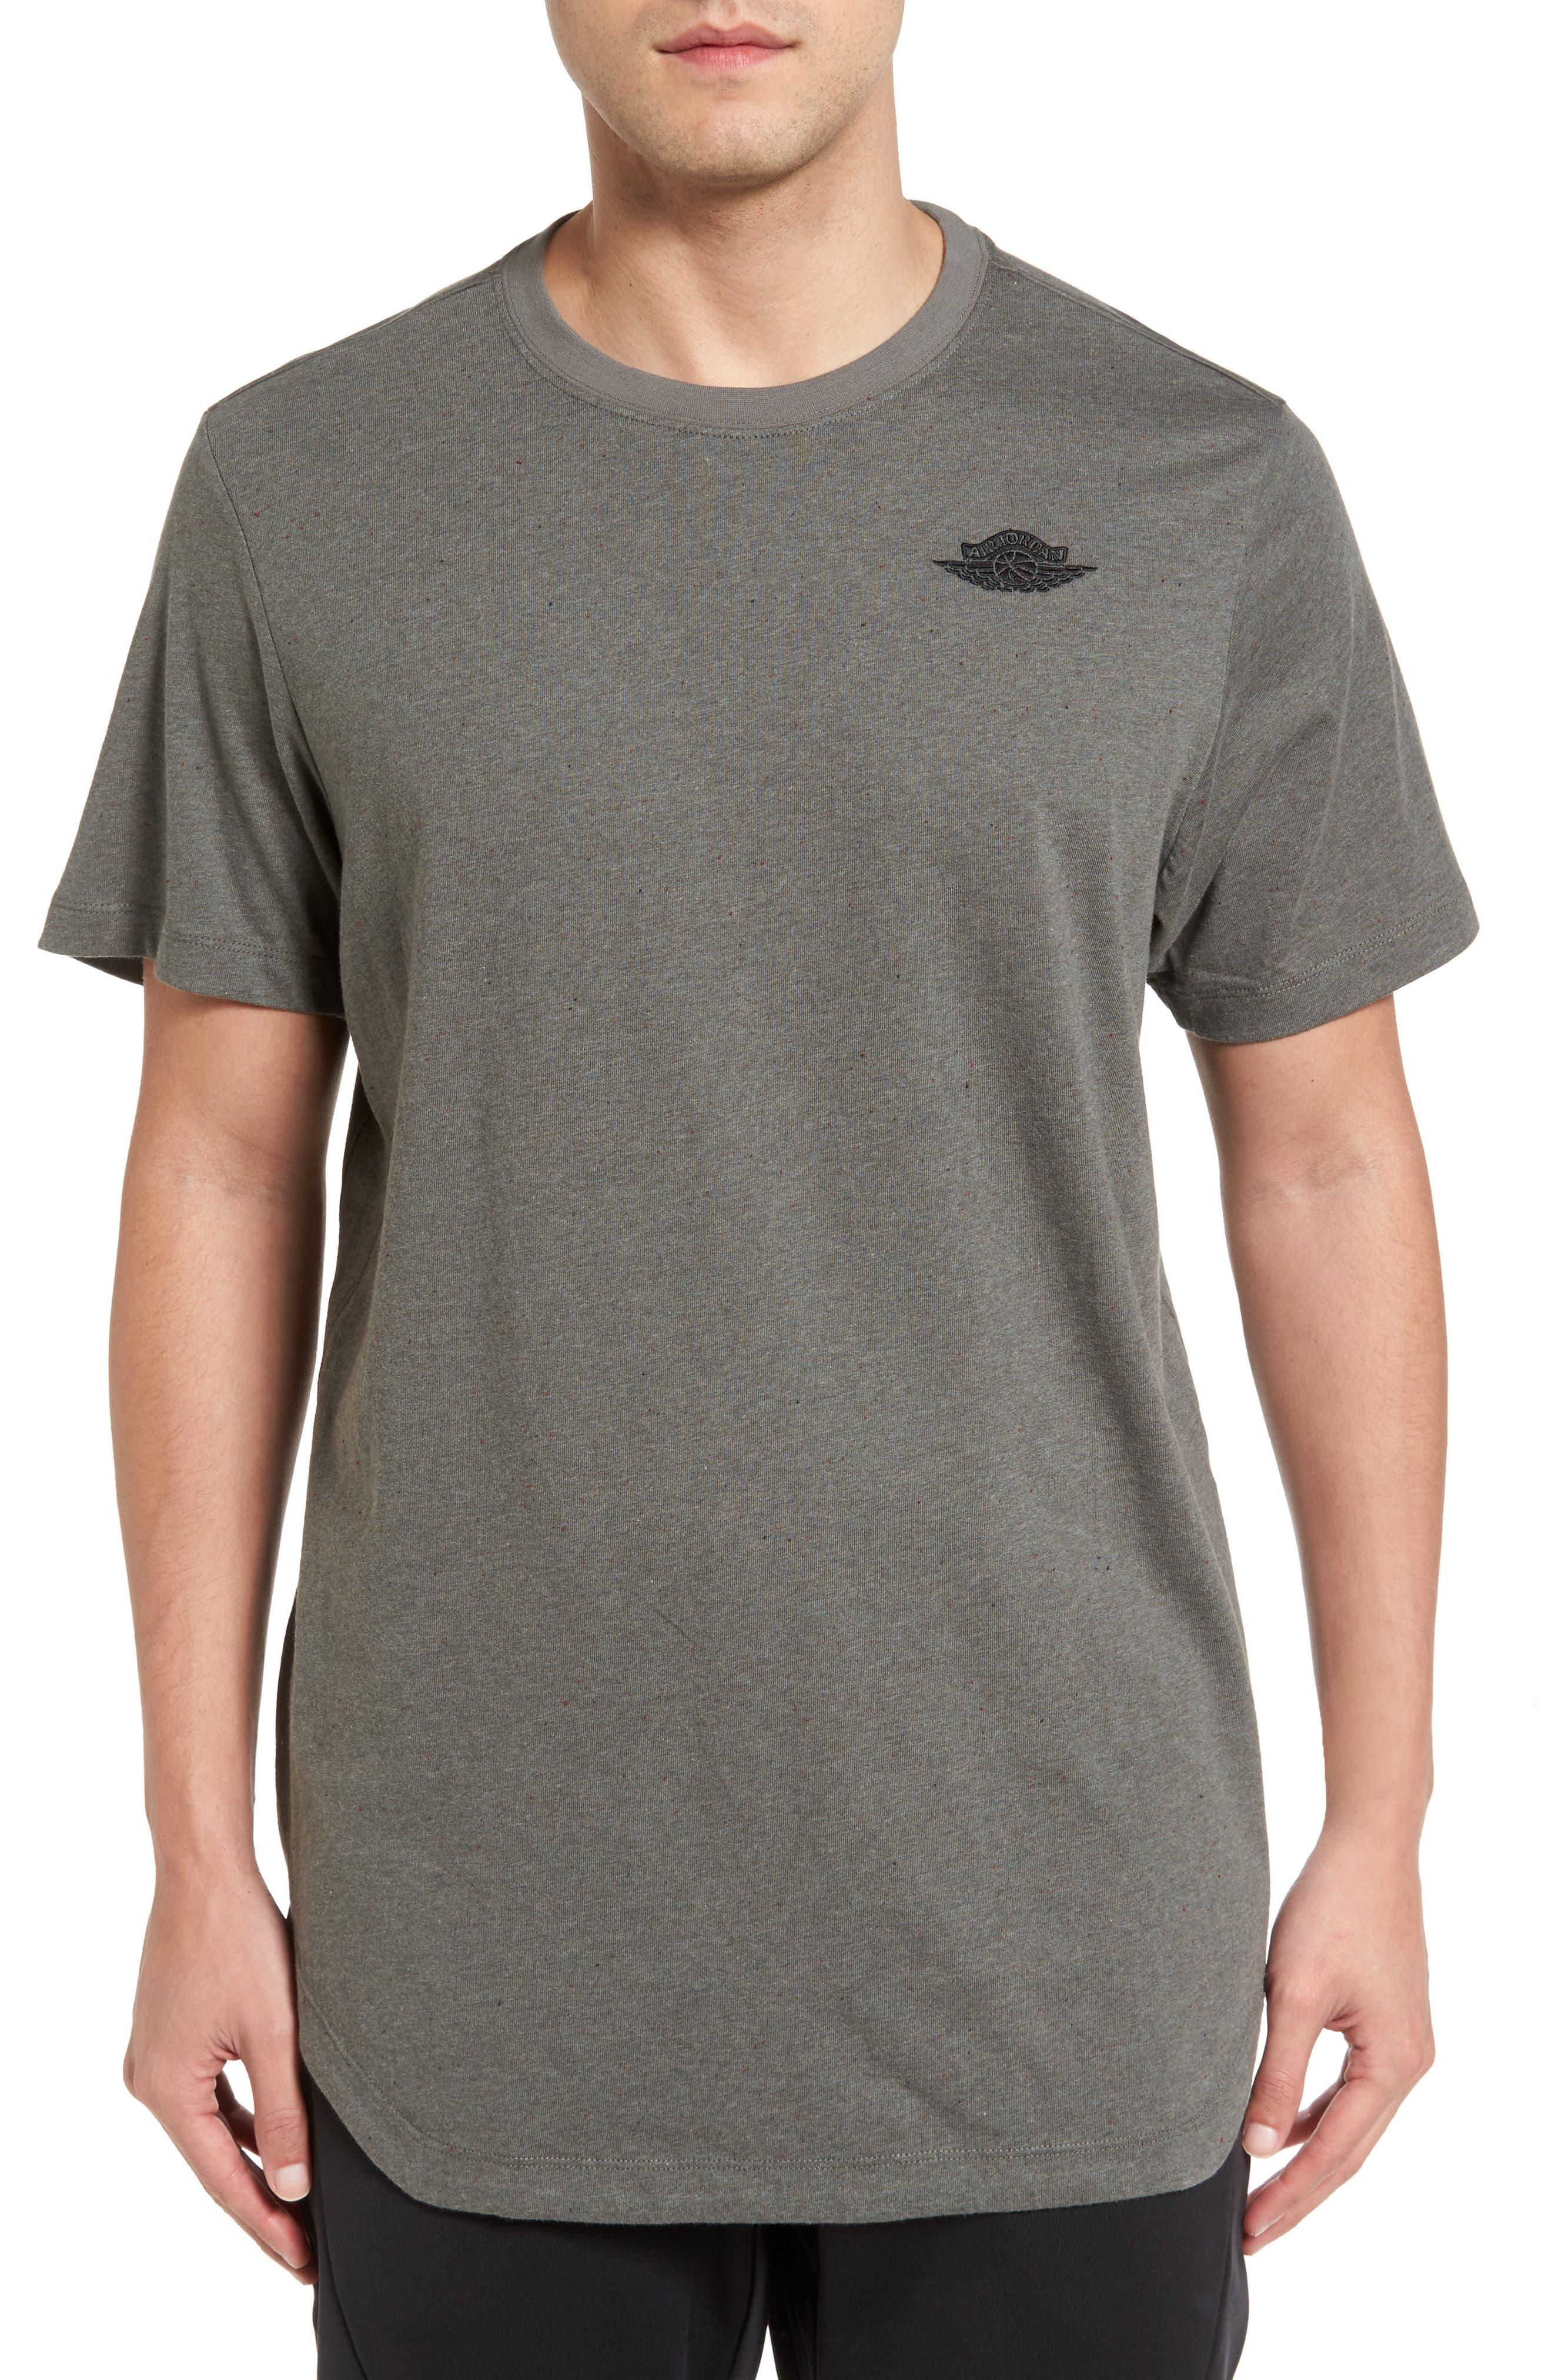 Future 2 T-Shirt,                         Main,                         color, White/ Black